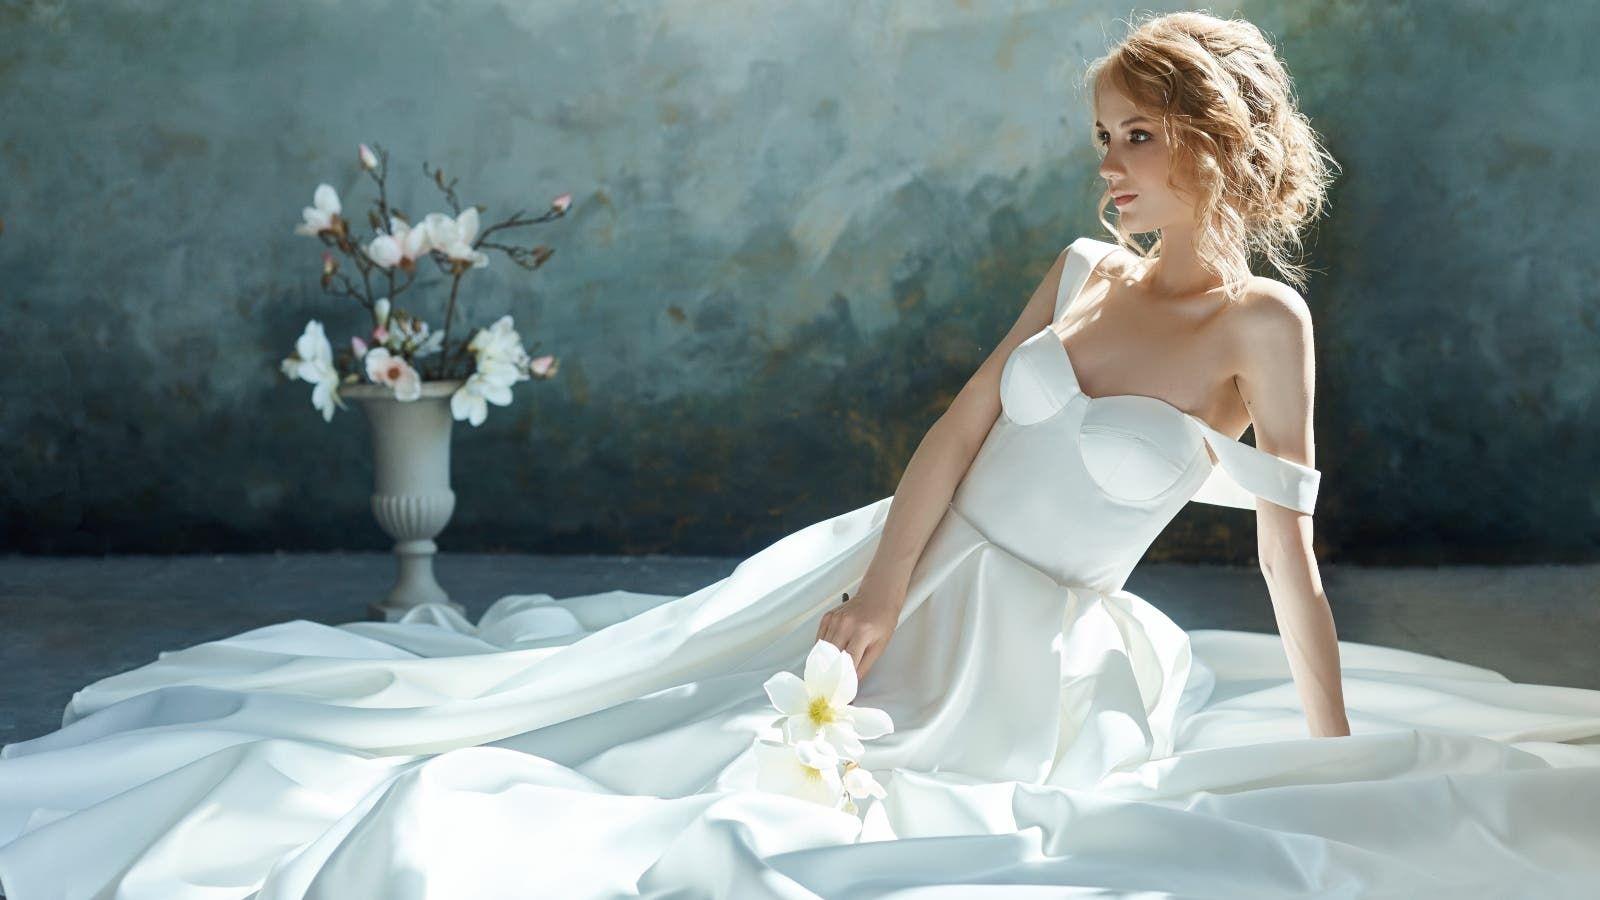 طبقي هذه الخطوات للعناية بالمنطقة الحساسة قبل الزواج Wedding Dresses Strapless Wedding Dress Dresses